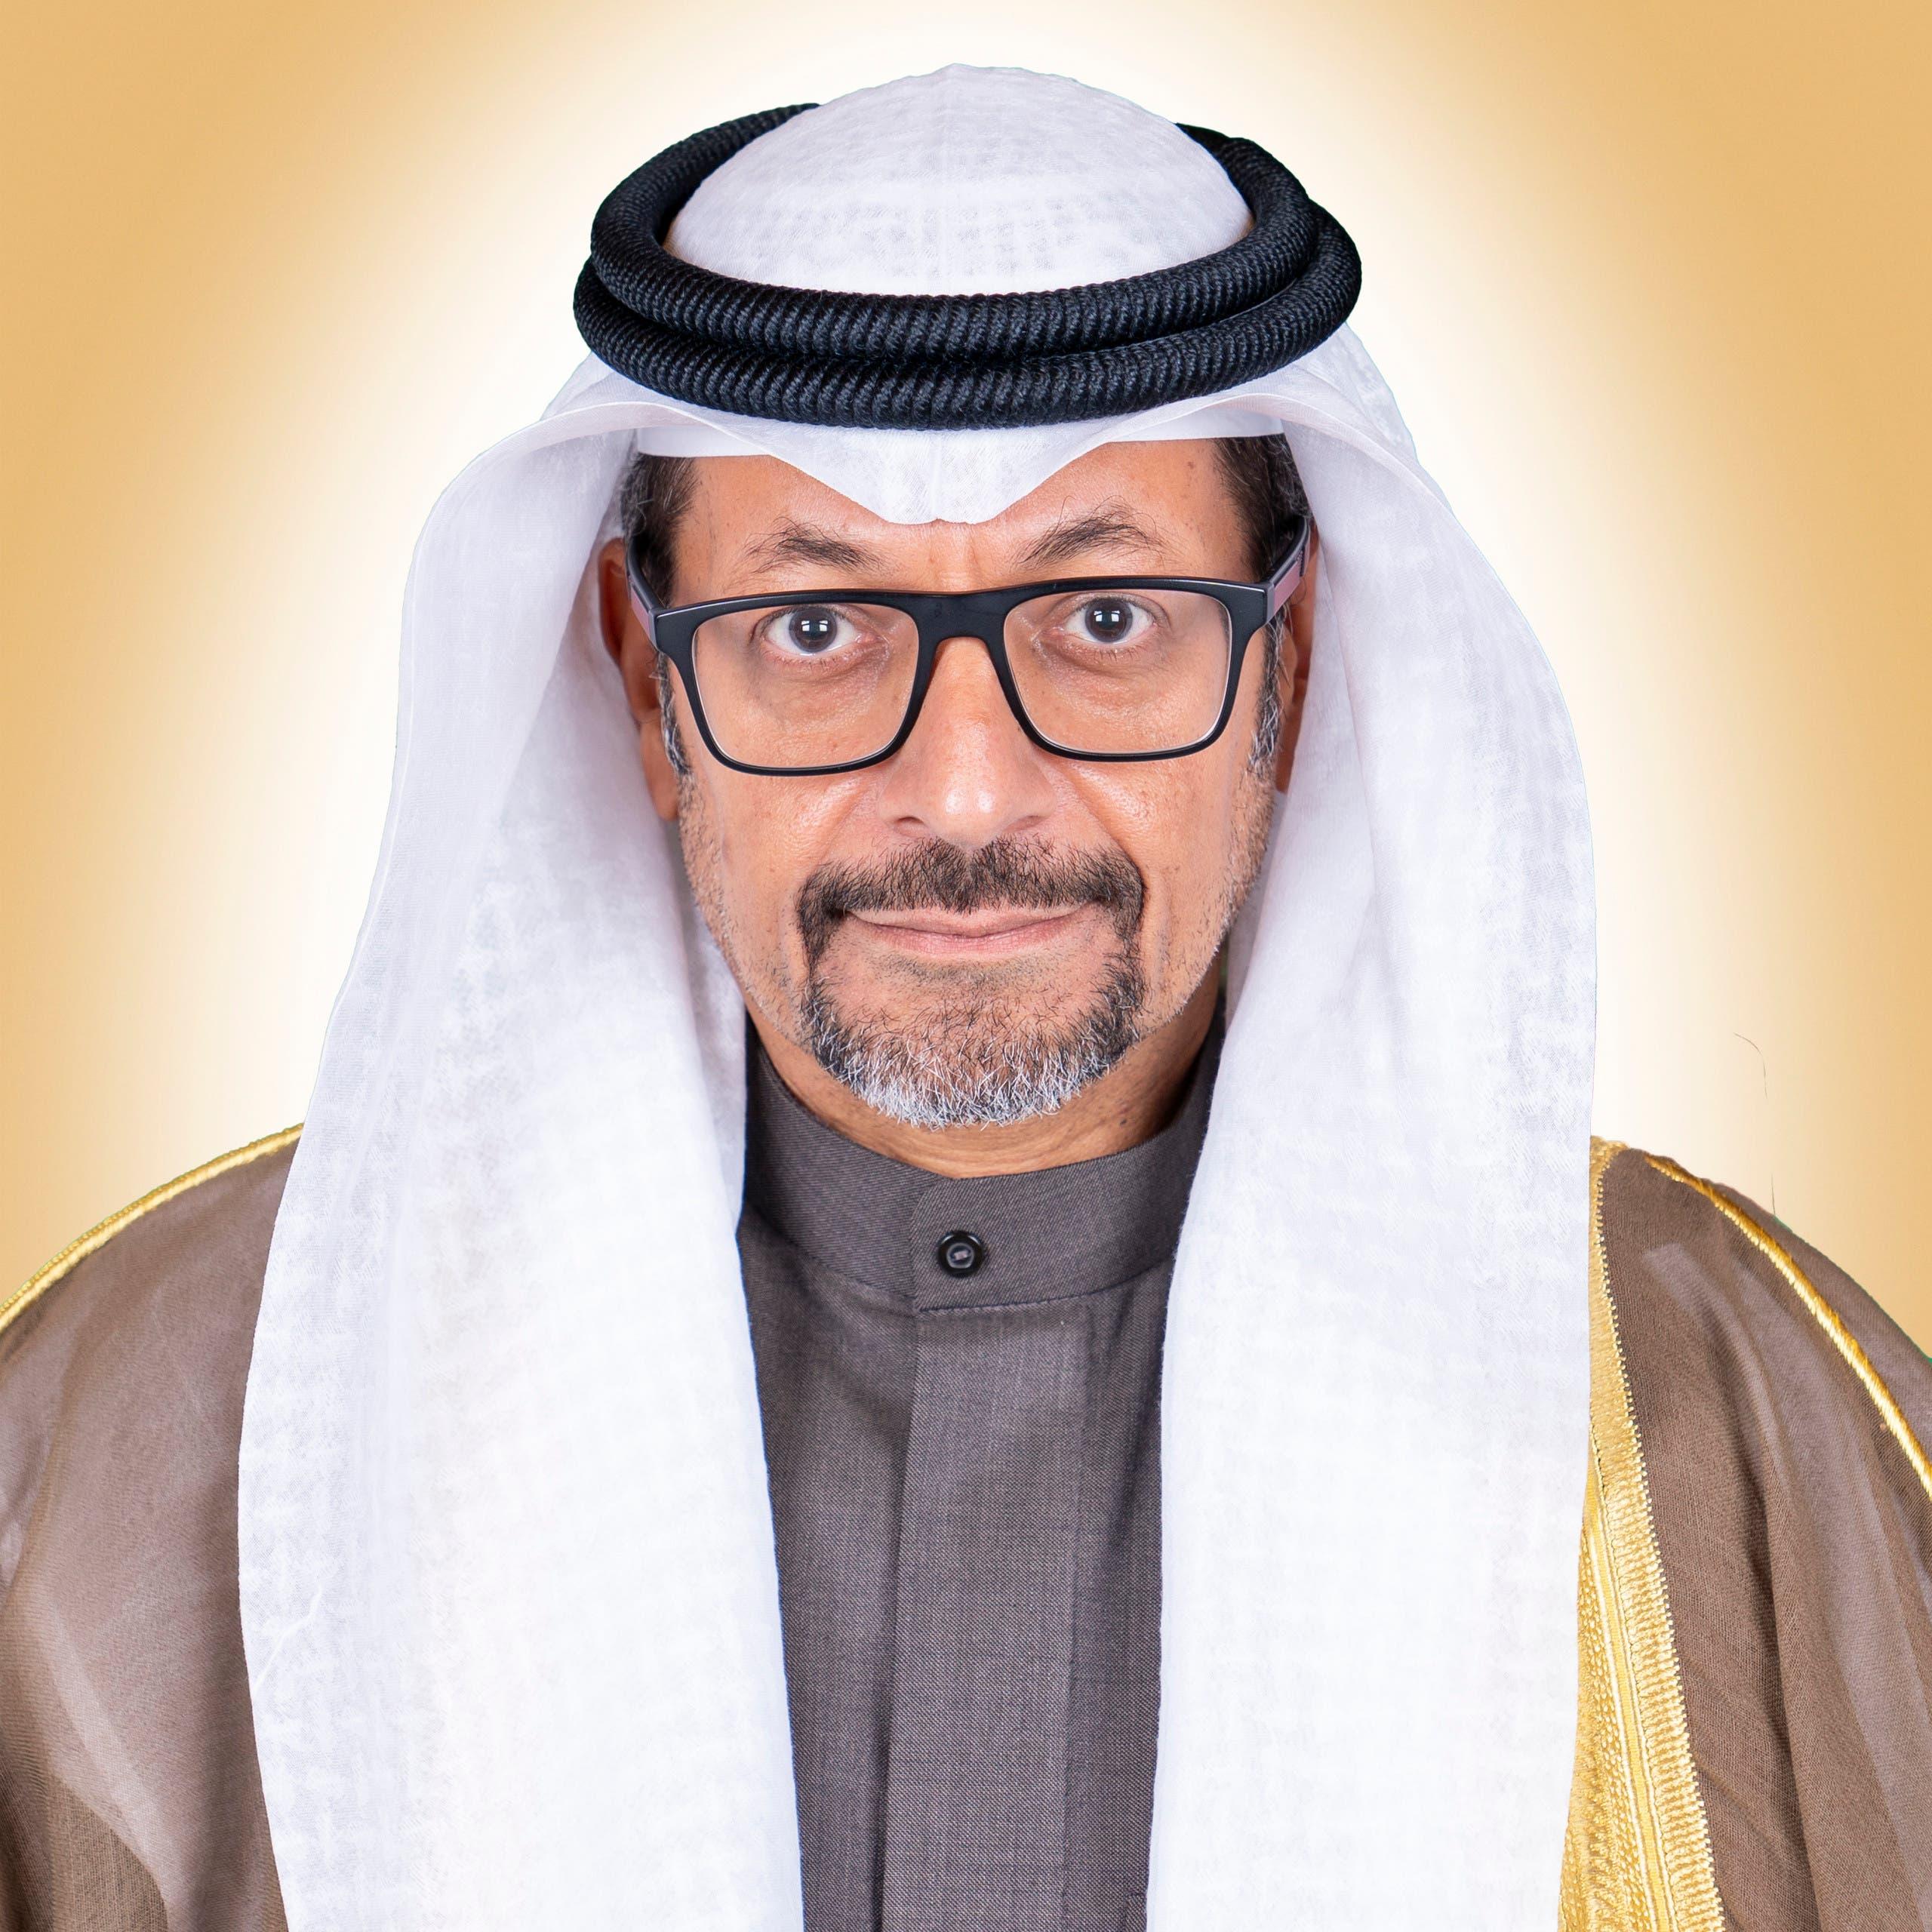 وزير المالية الكويتي يقدم استقالته لرئيس الوزراء